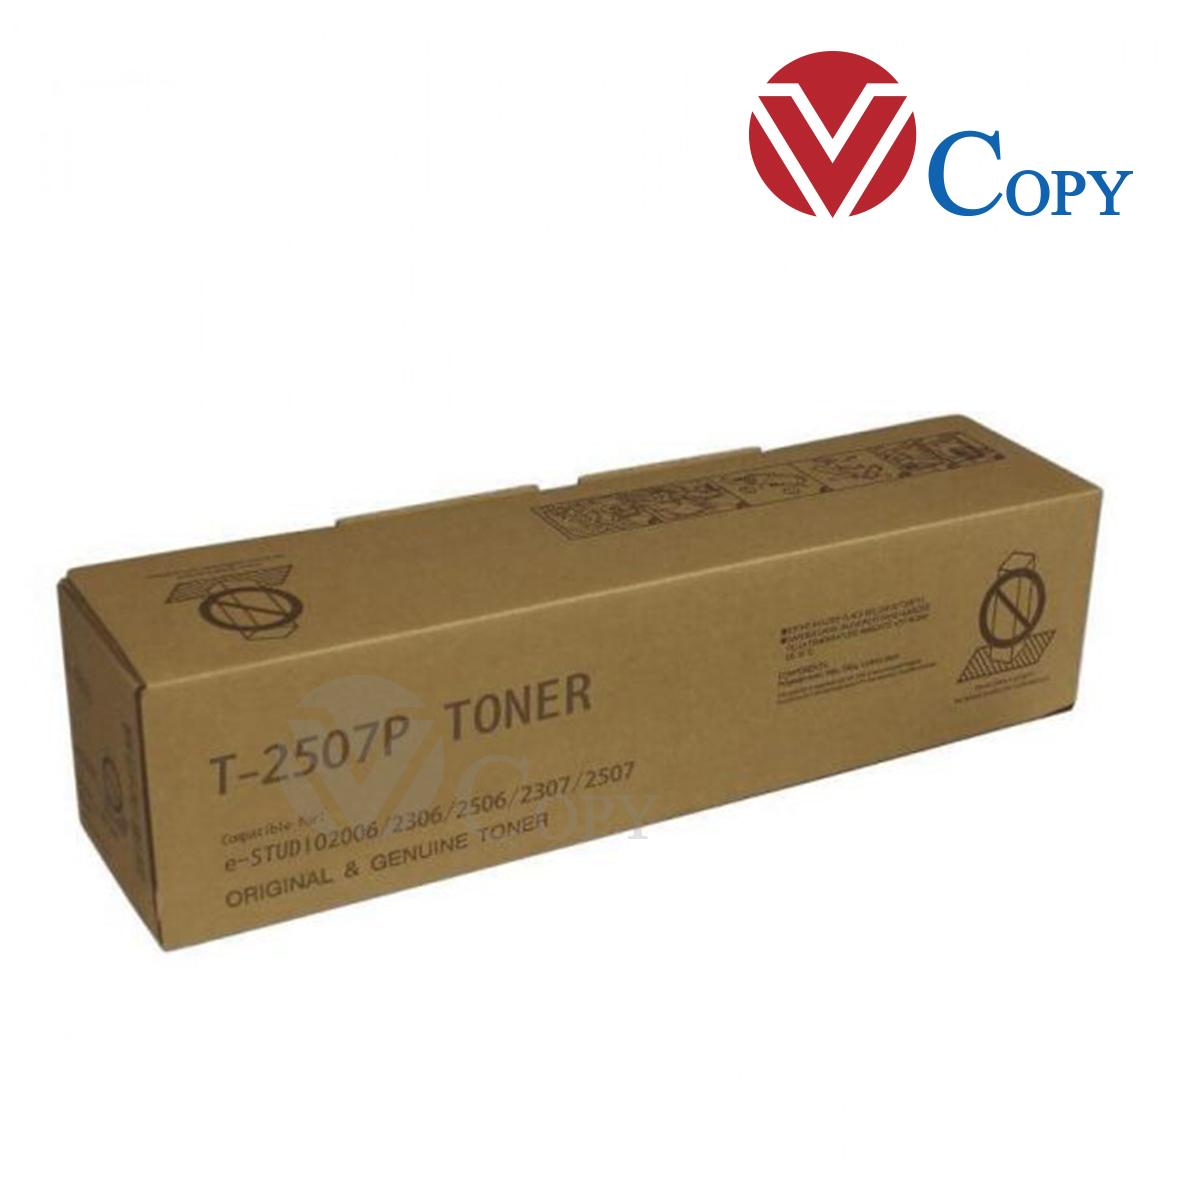 Mực Thương hiệu dùng cho máy photo Toshiba  E2006/2306/2506/2307/2507 _ T-2507P _Trọng lượng 250g